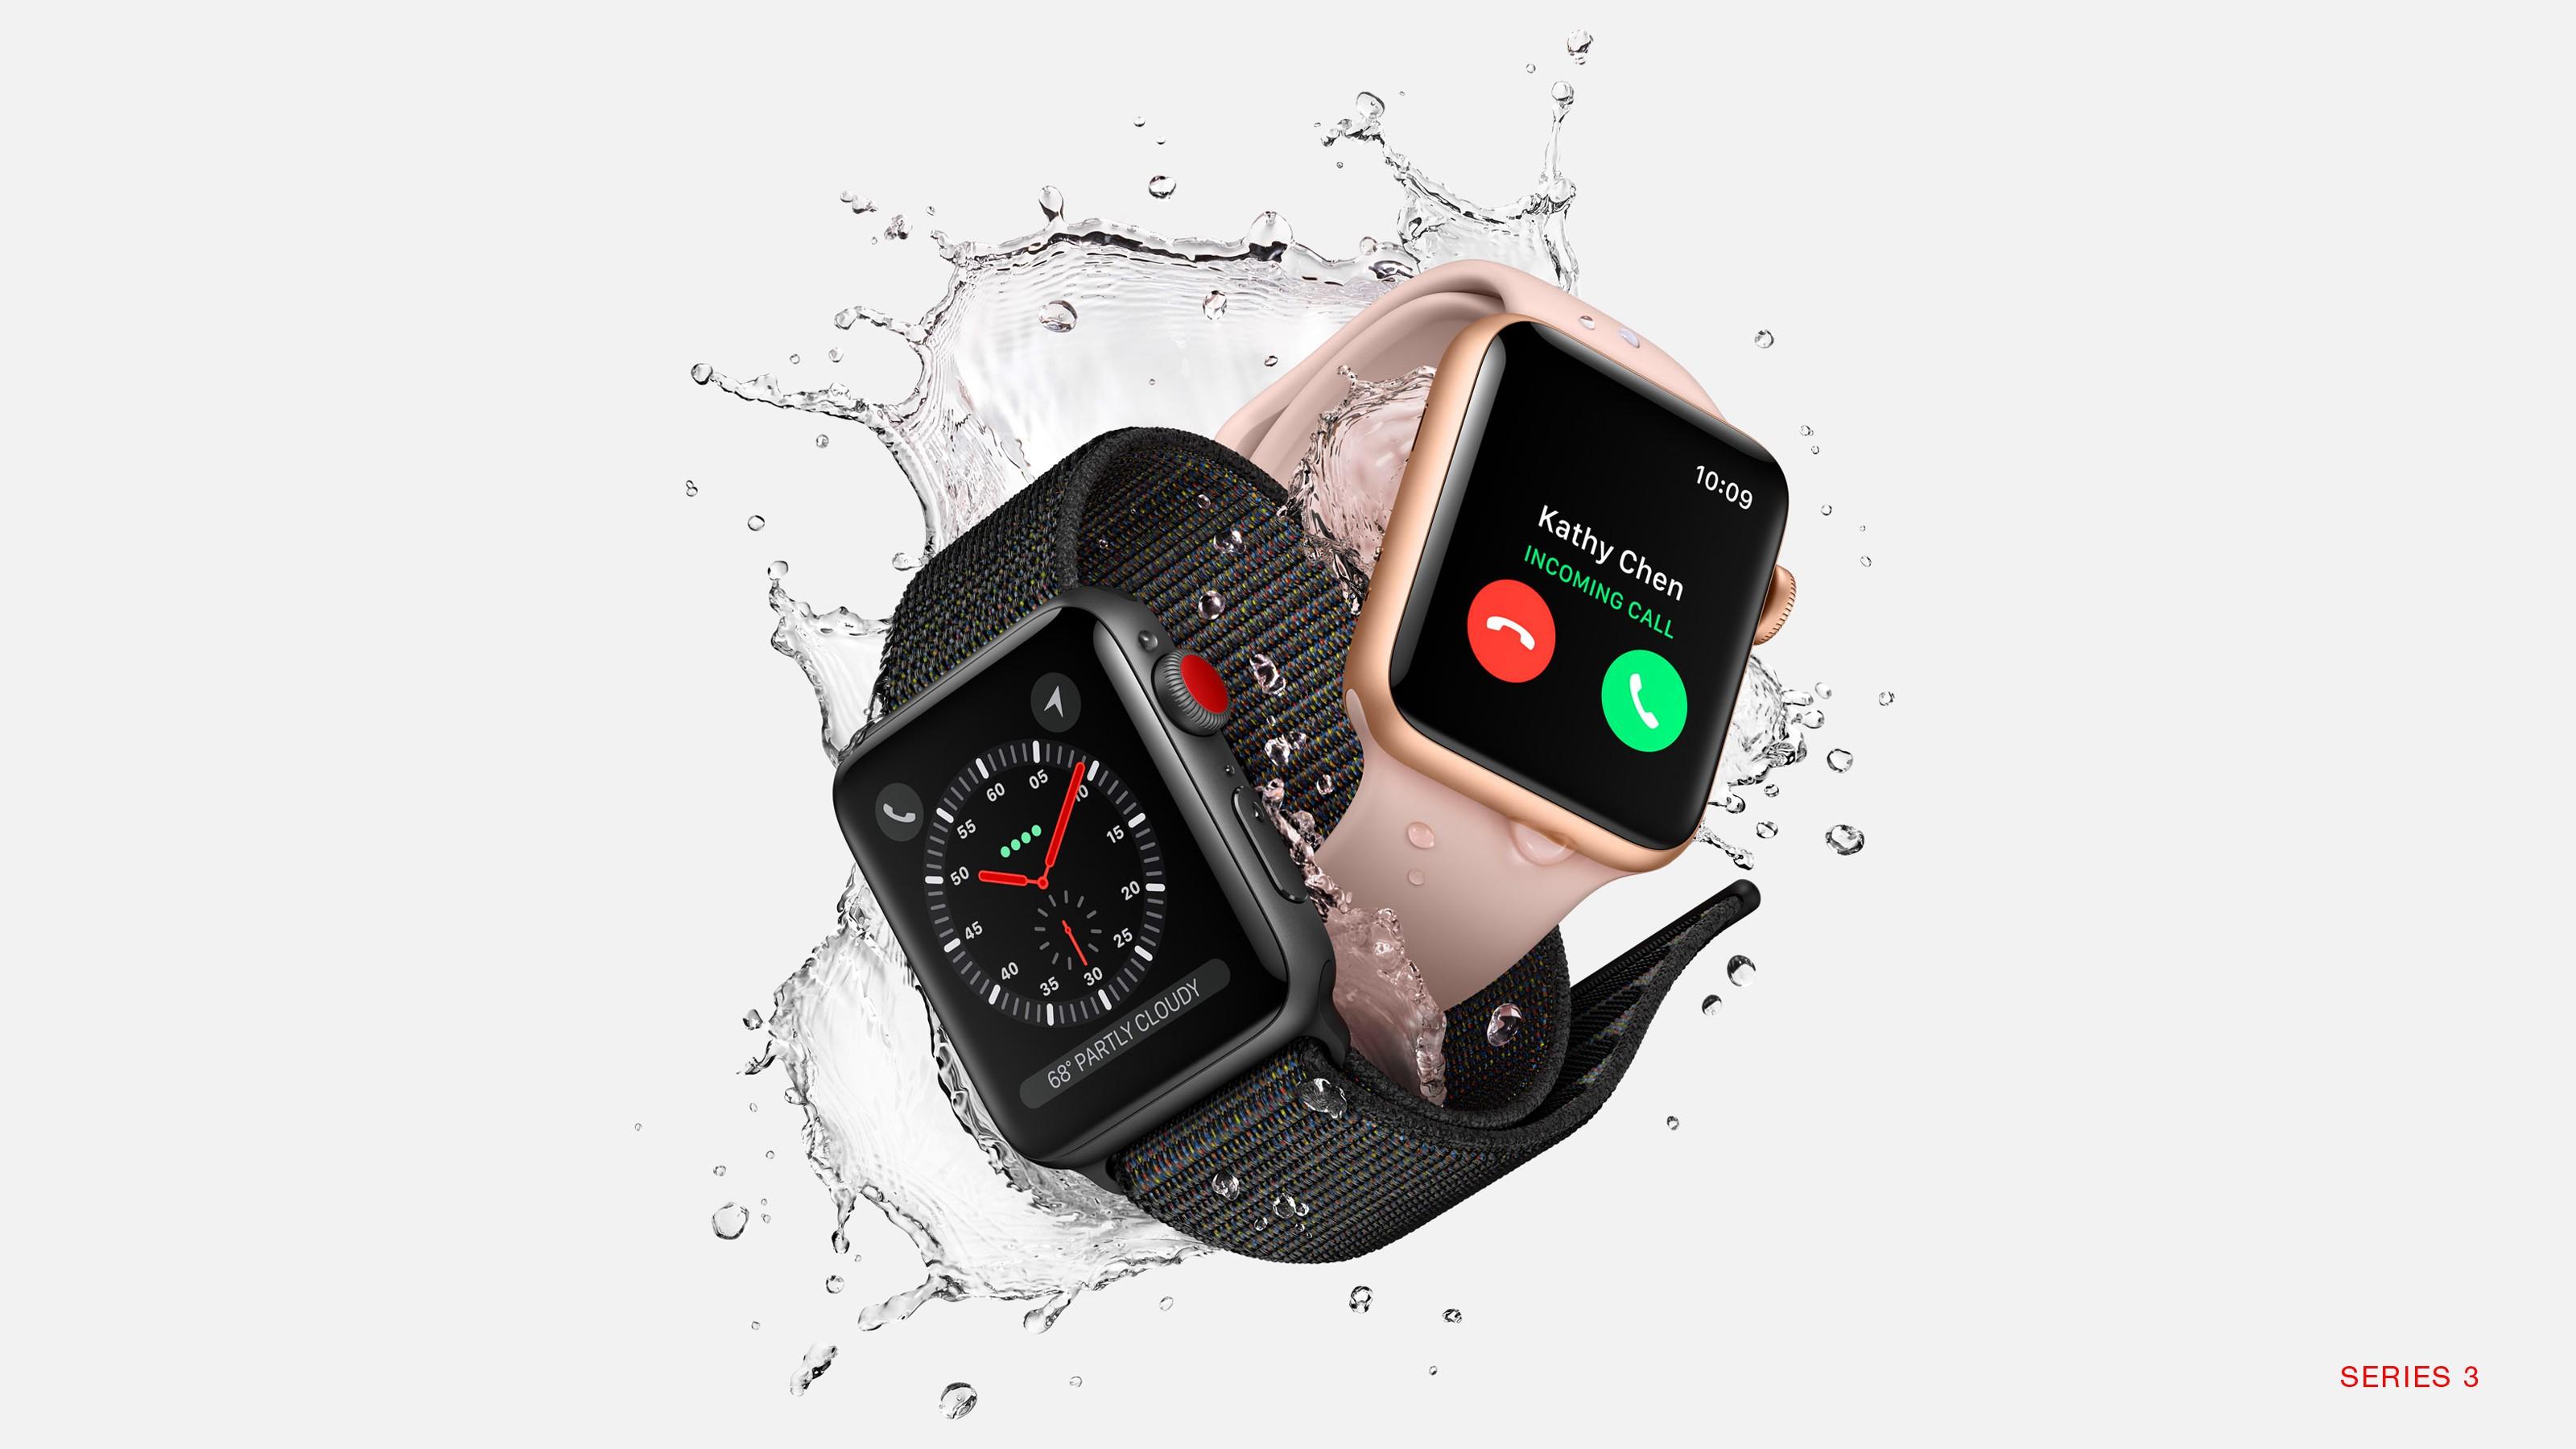 Wallpaper Apple Watch Series 3, WWDC 2017, 4k, HiTech 15696